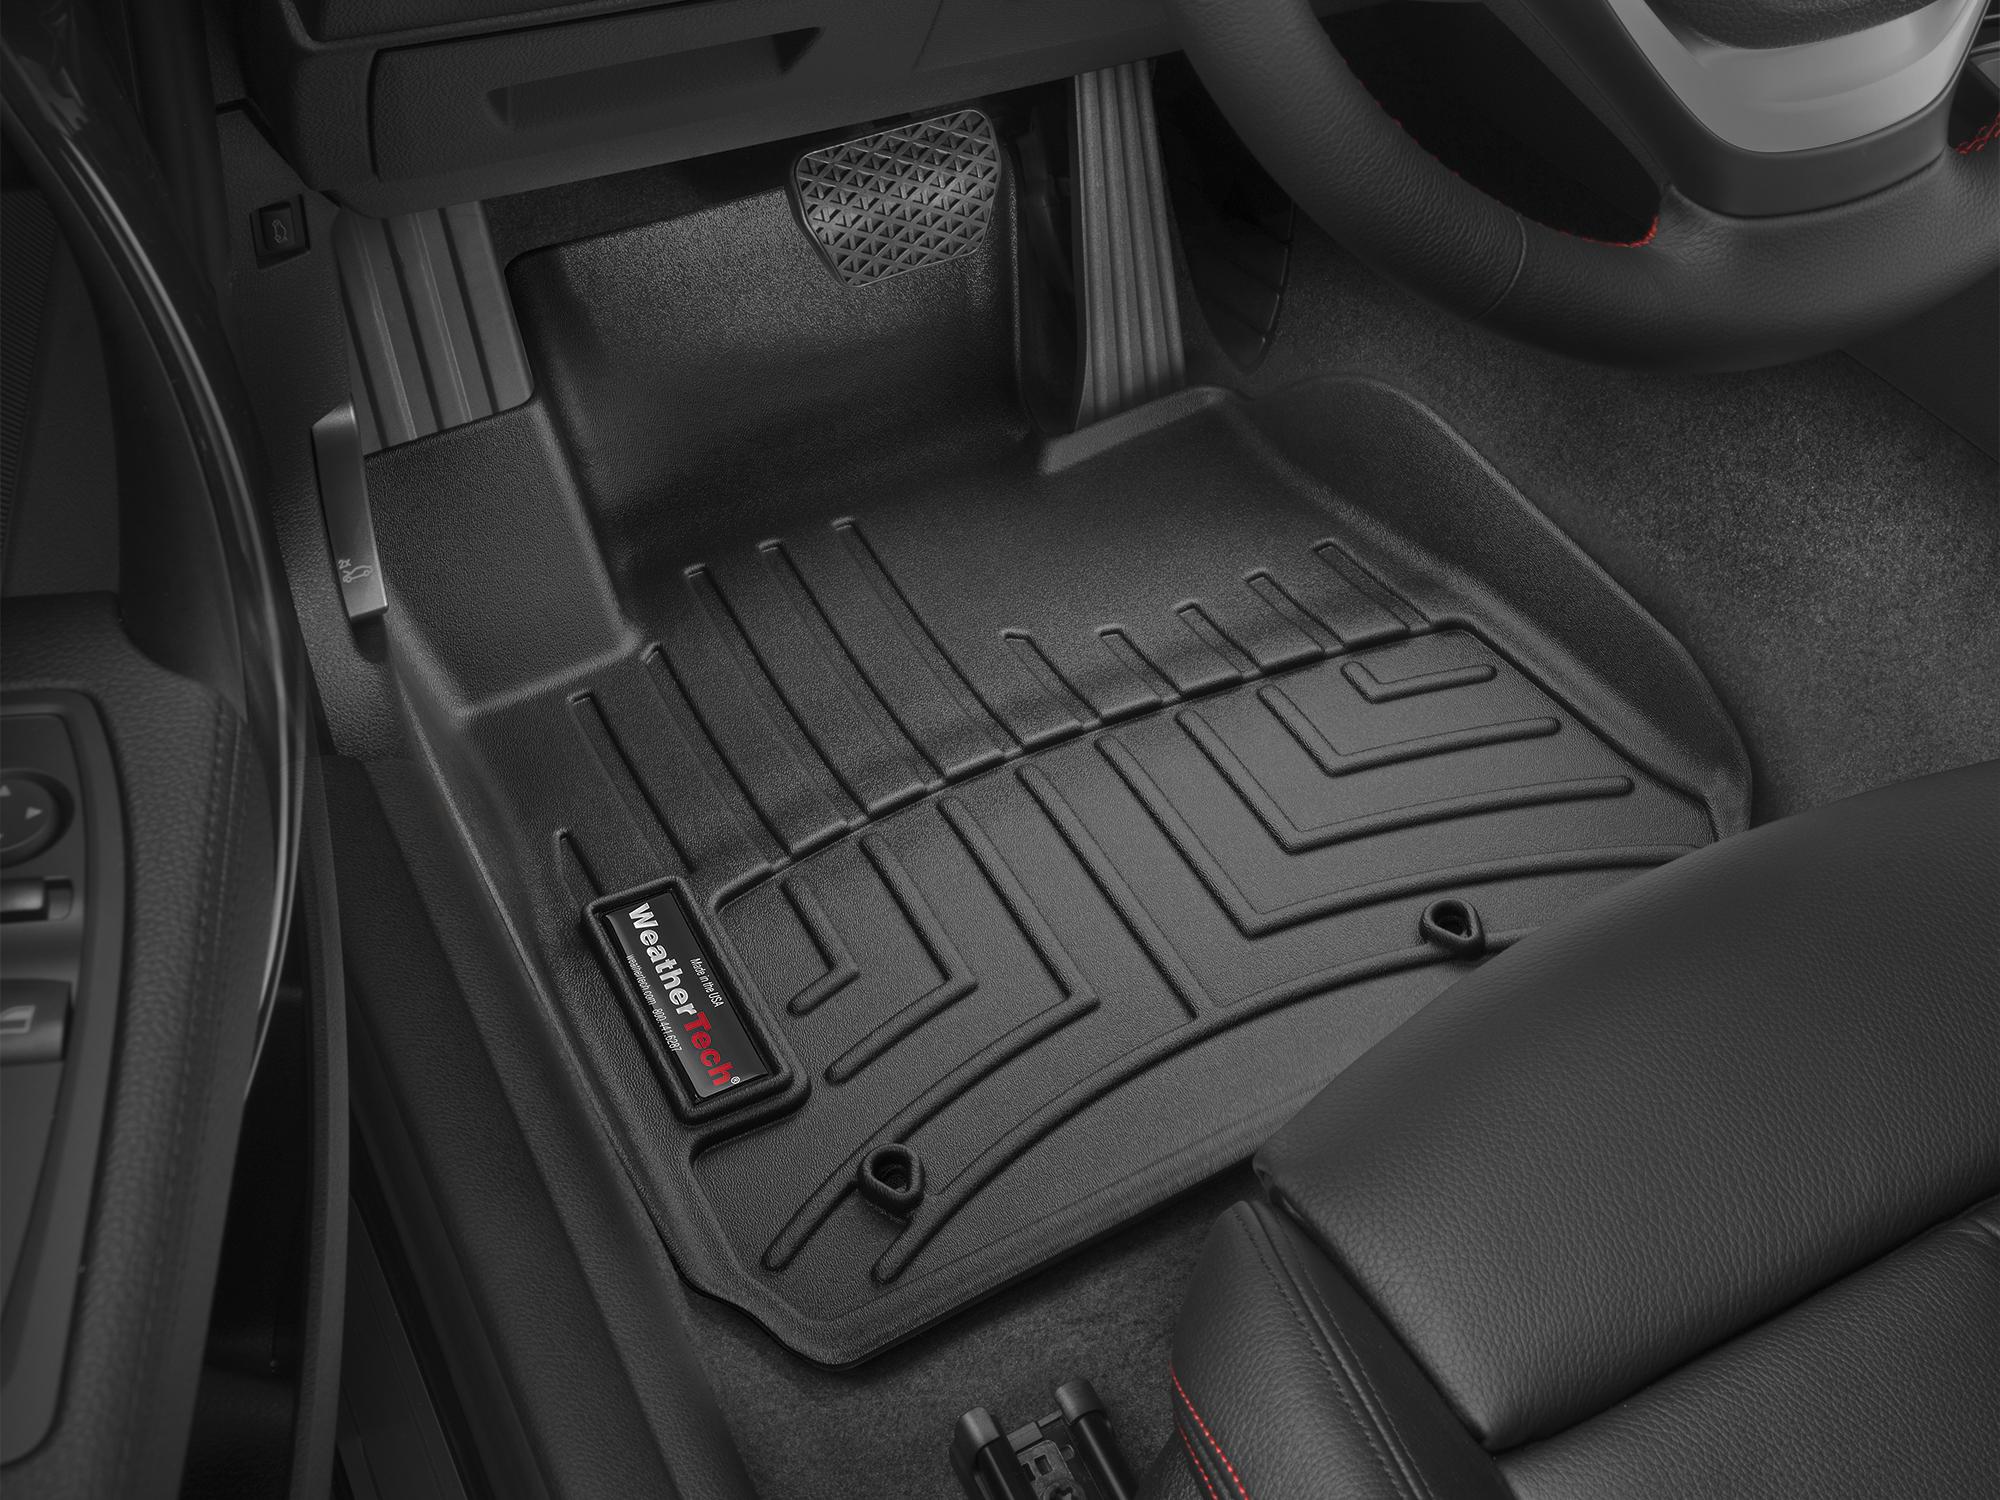 BMW Serie 2 (F22/F23) 14>17 Tappeti gomma su misura bordo alto nero